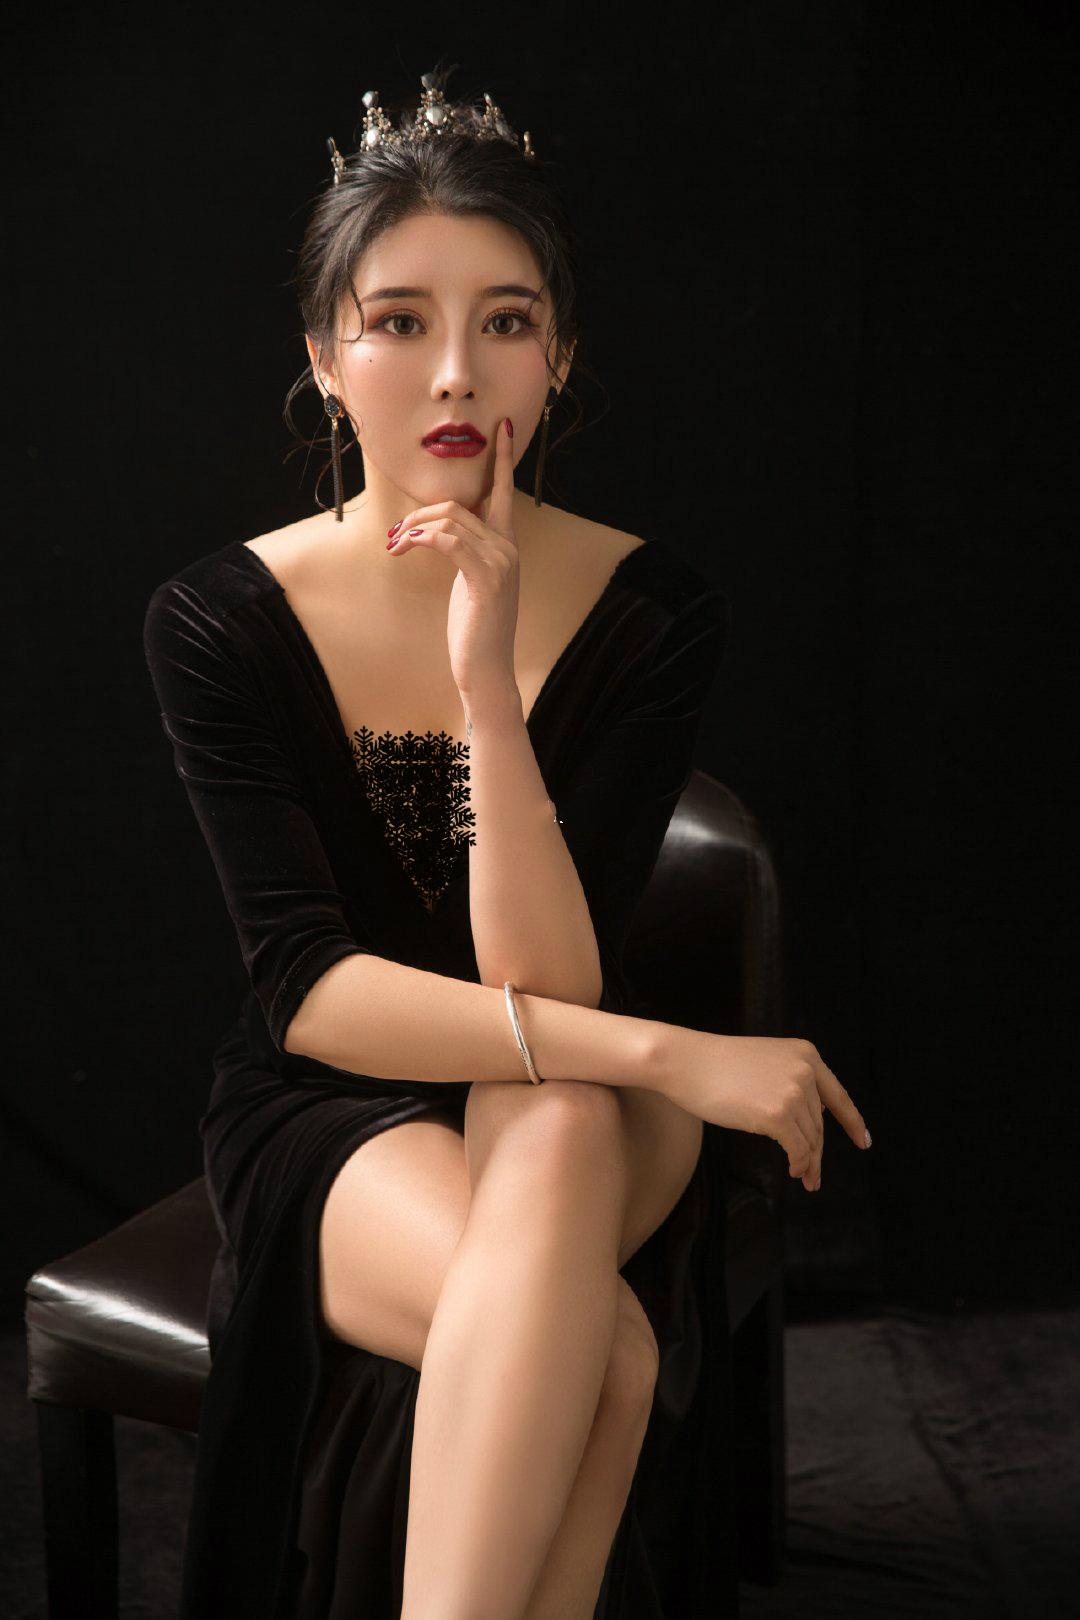 健身美女劉太陽火瞭!身材超過美國卡戴珊,曾是世界旅遊小姐冠軍-圖10